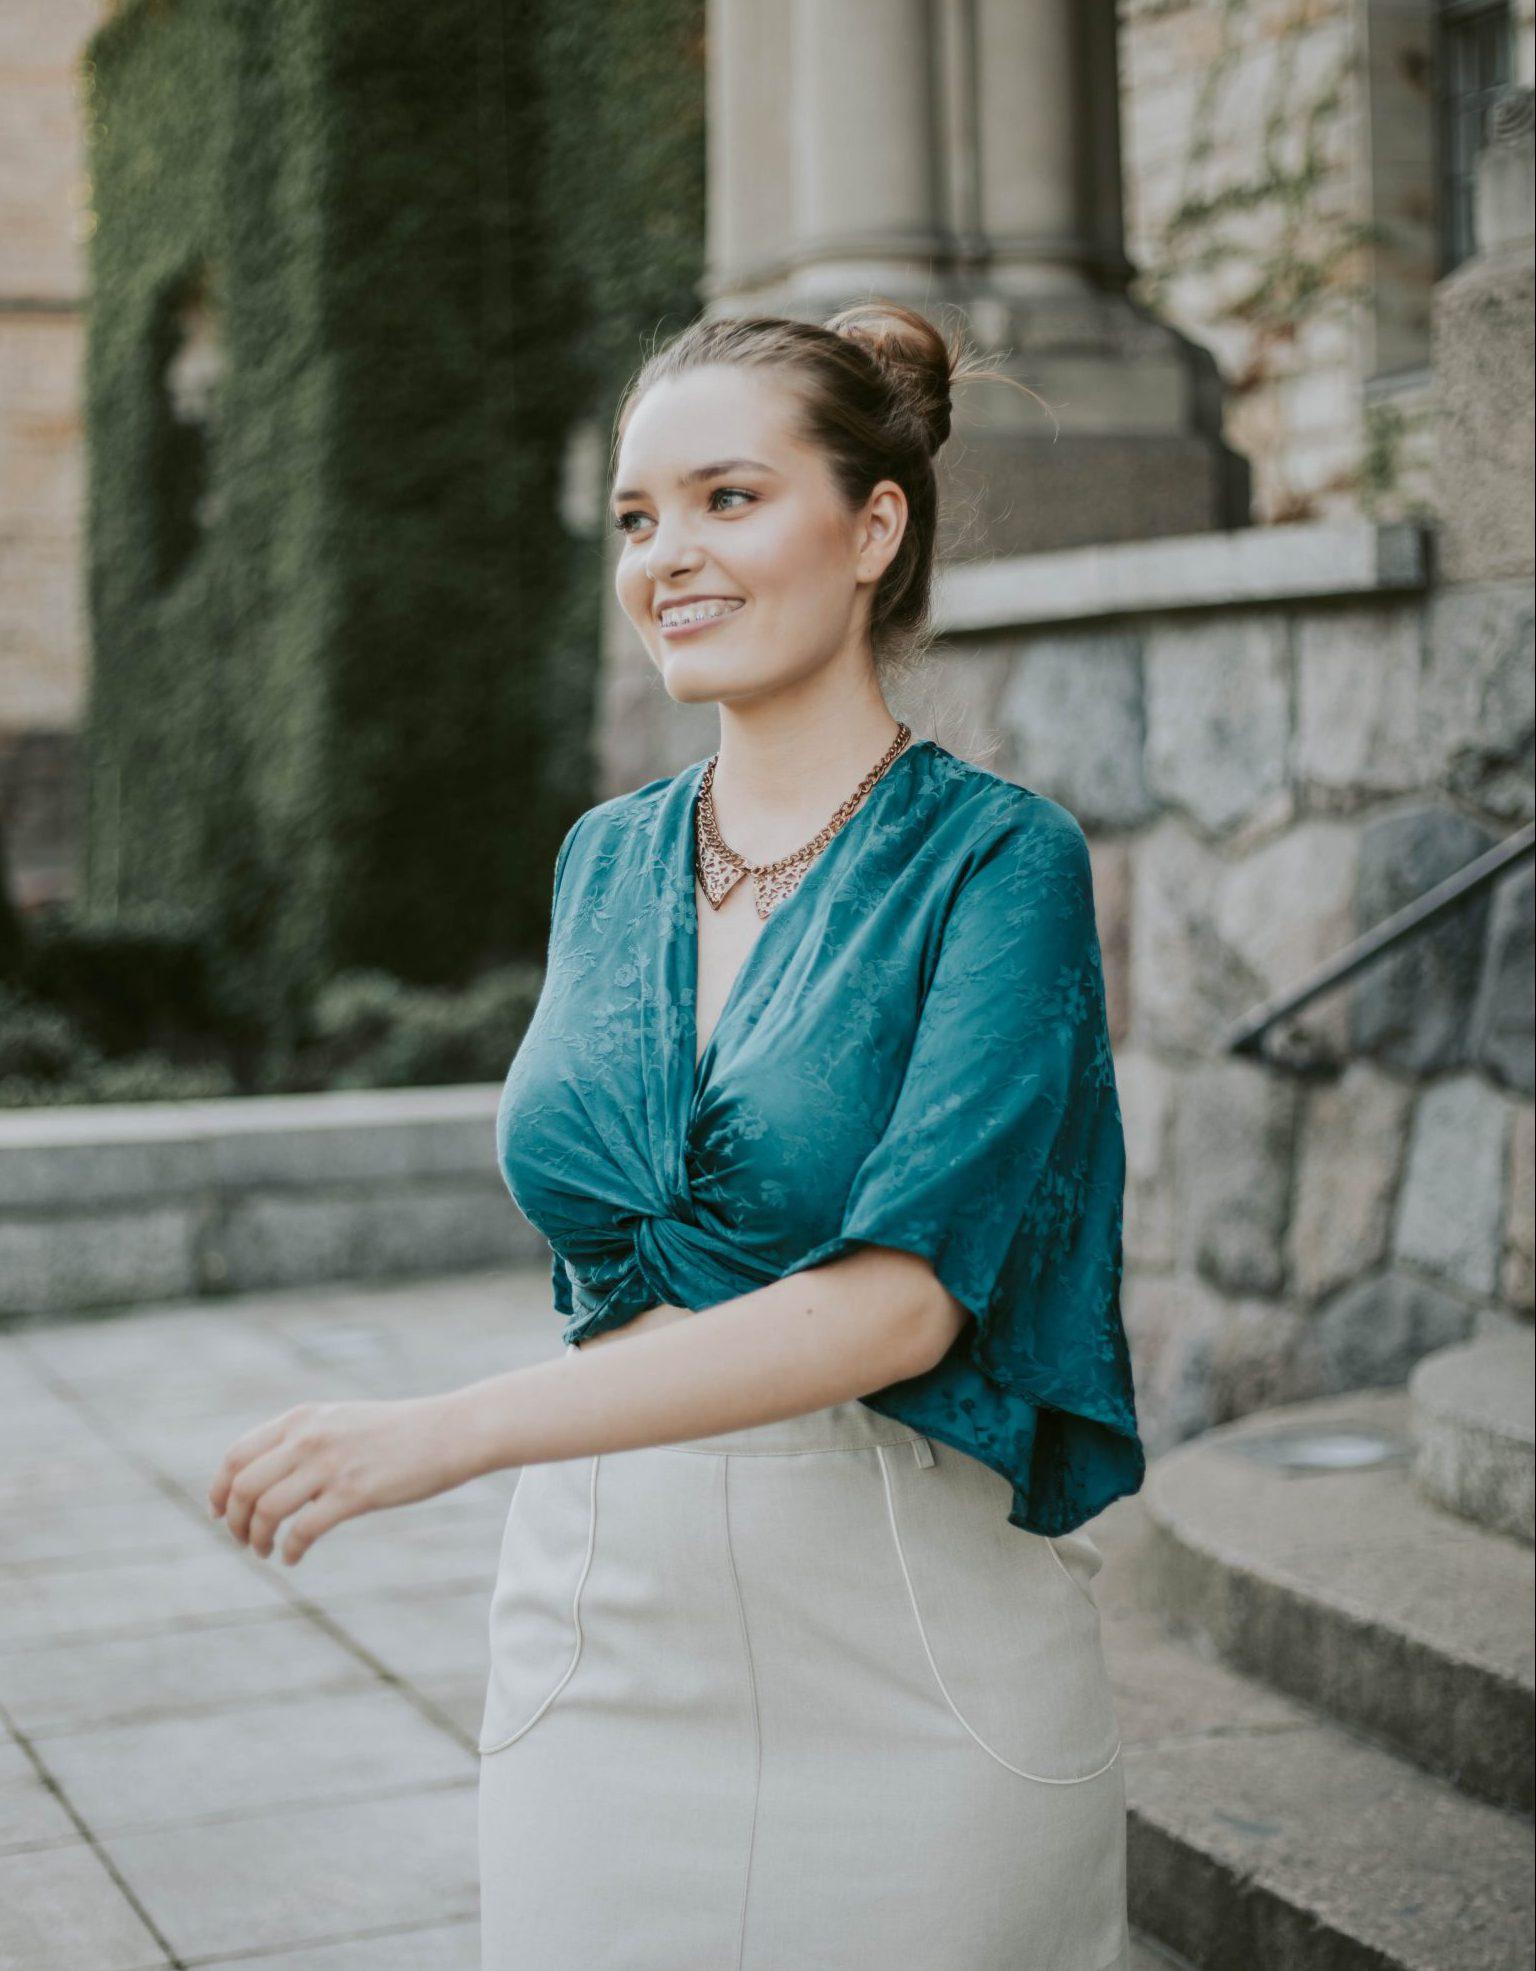 Gabriela Walkowiak